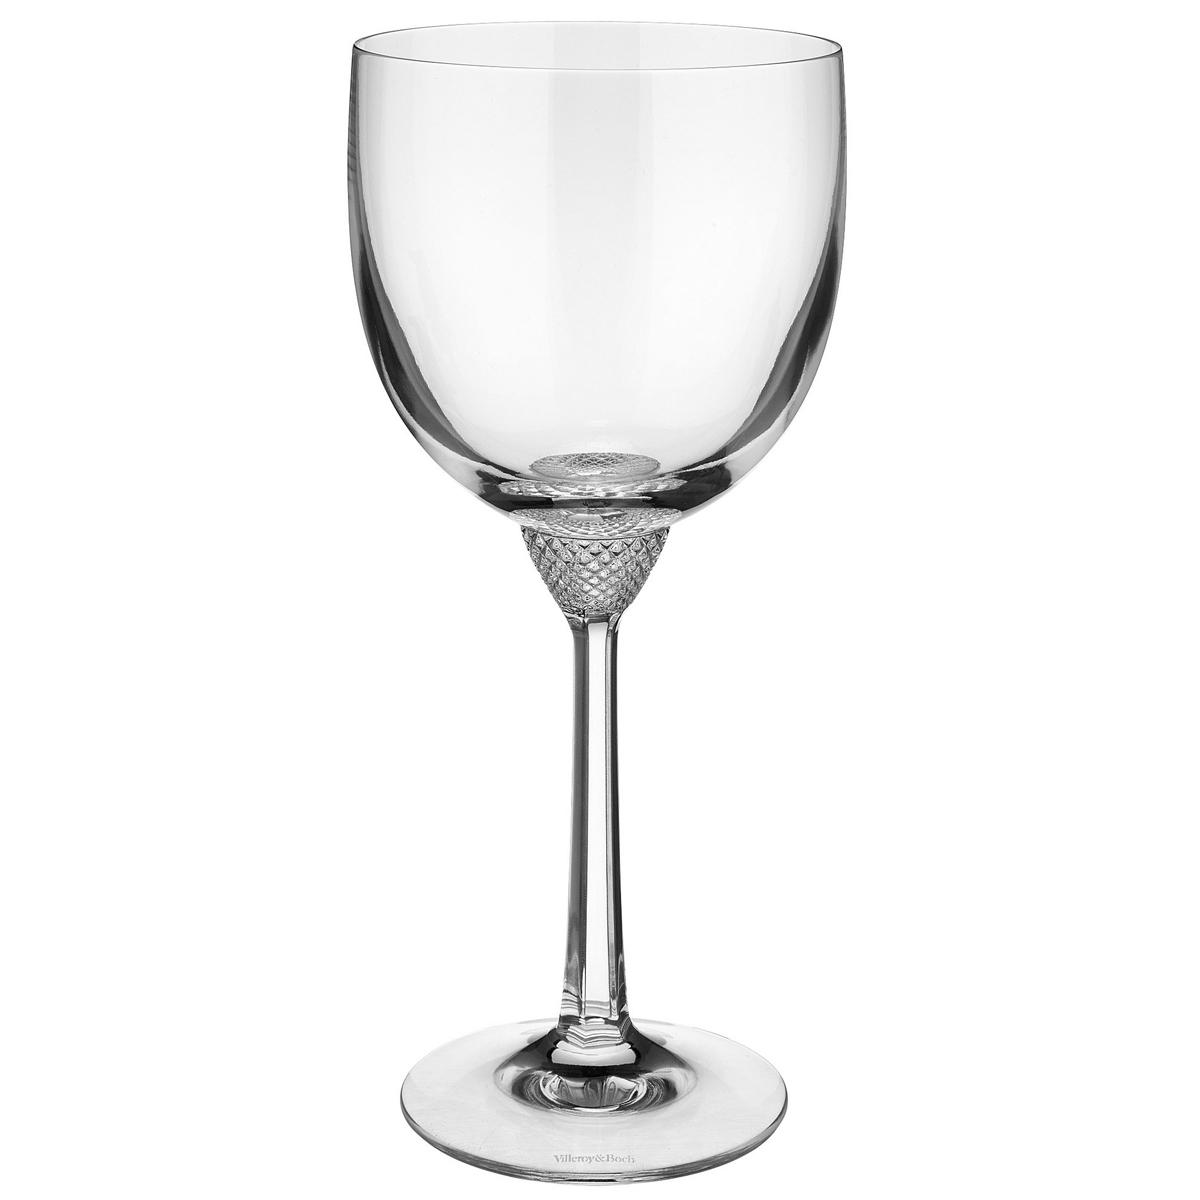 Villeroy and Boch Octavie Water Goblet, Single